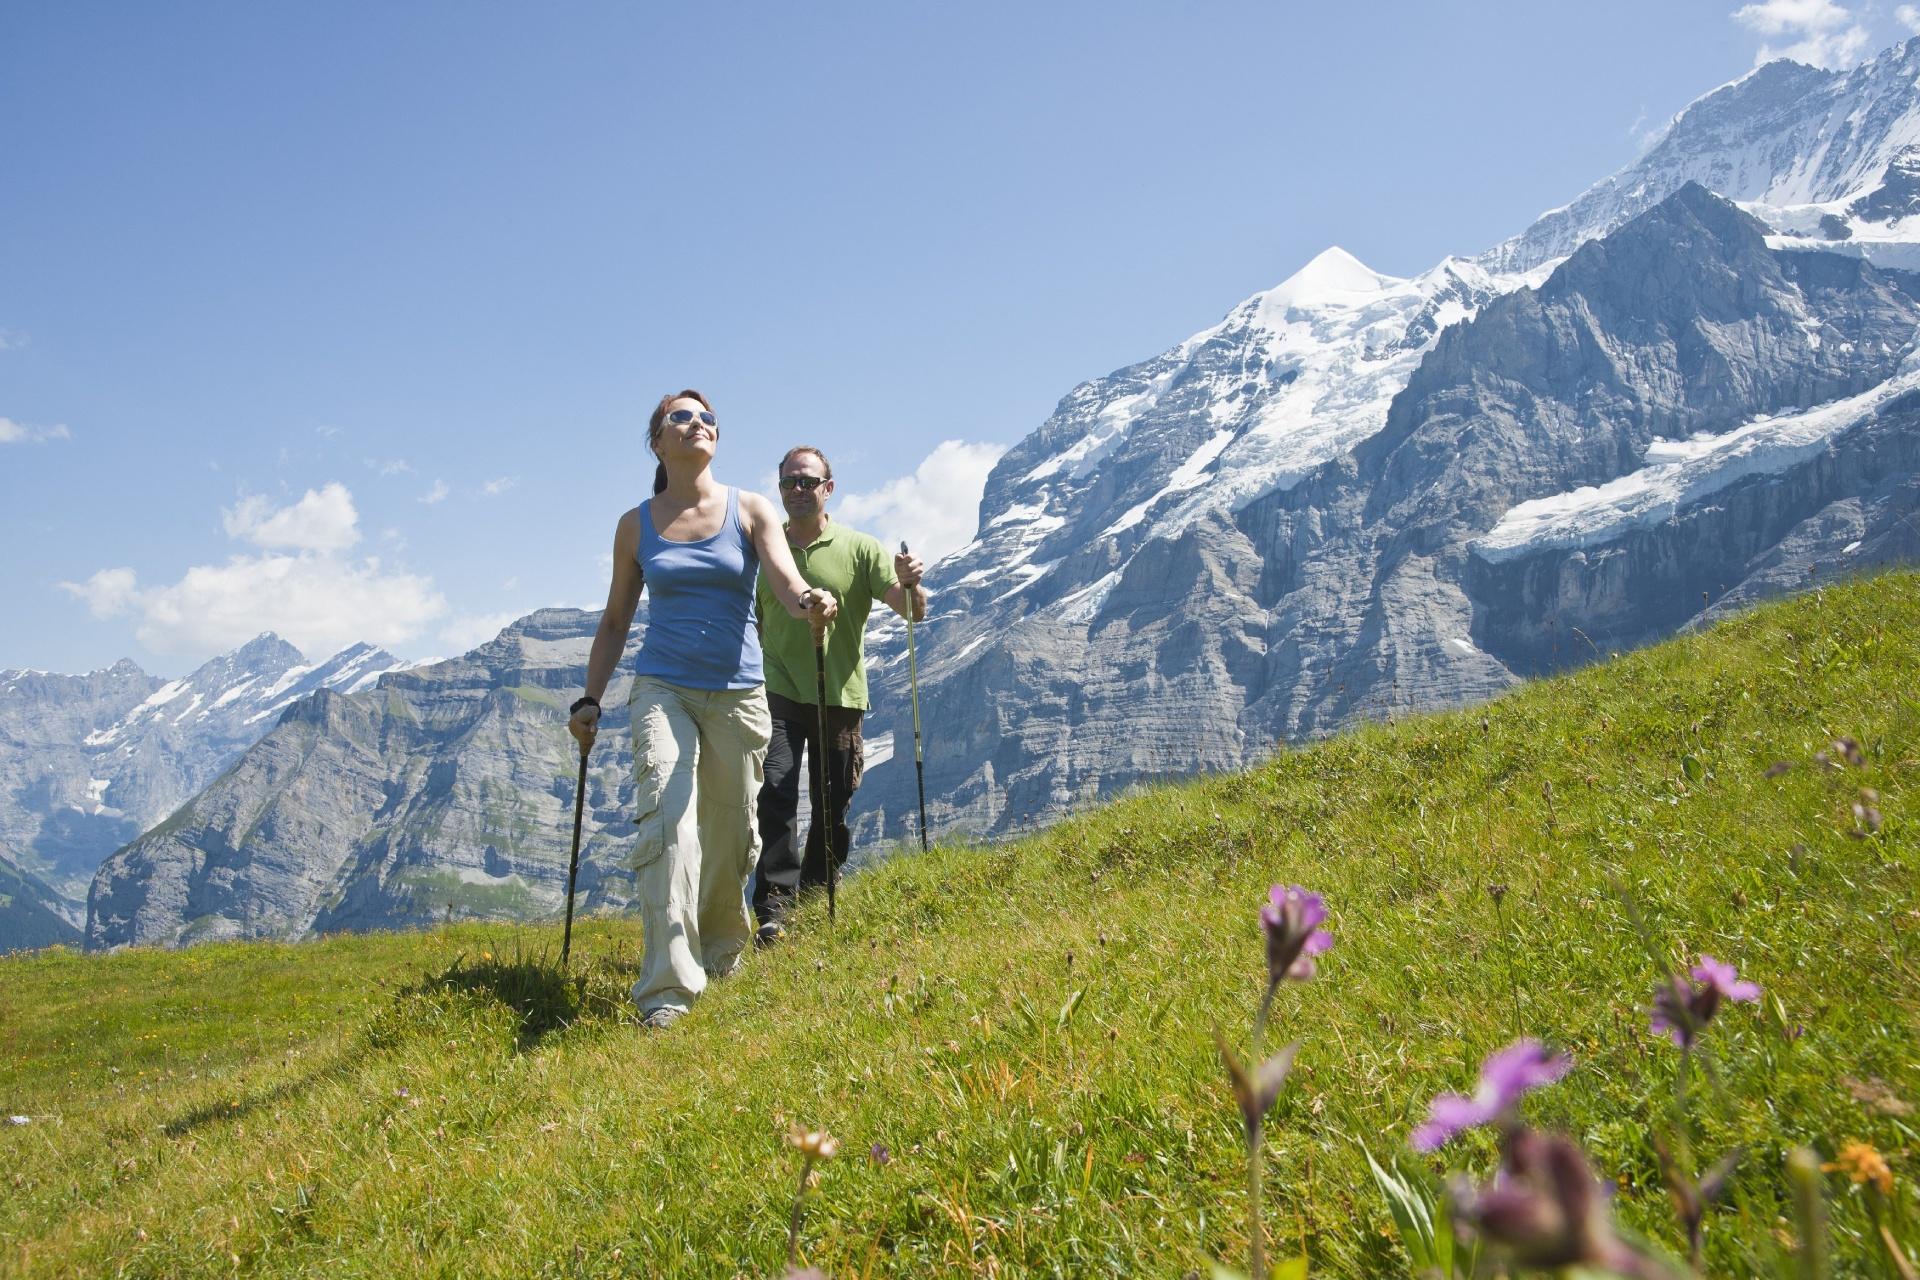 Votre séjour de 2 semaines à la montagne en été - CGH Résidences